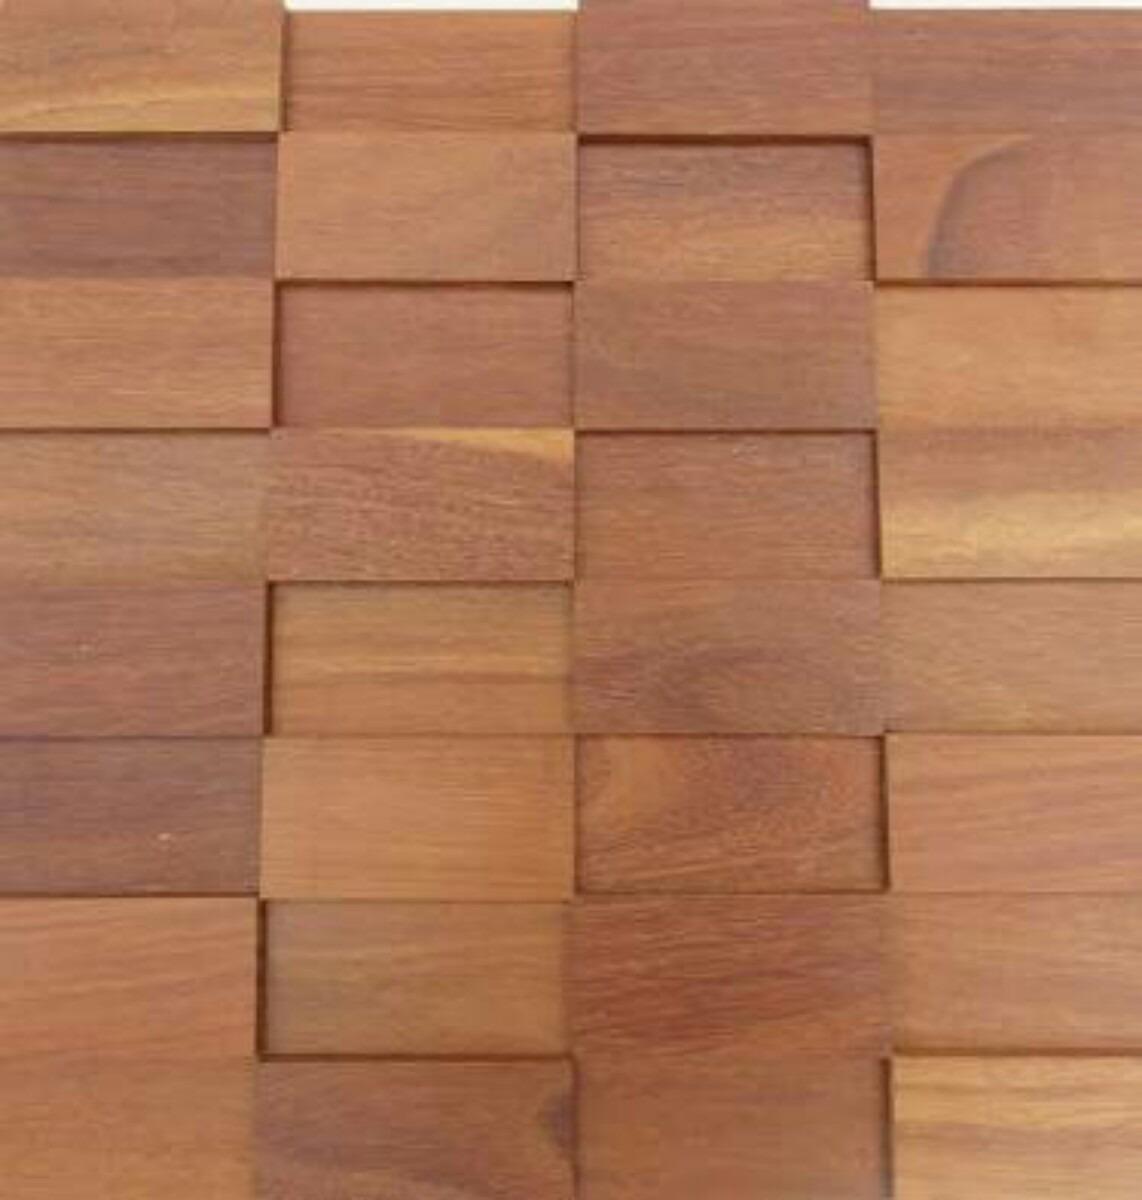 Mosaico Revestimento De Madeira Pastilha R 21 90 Em